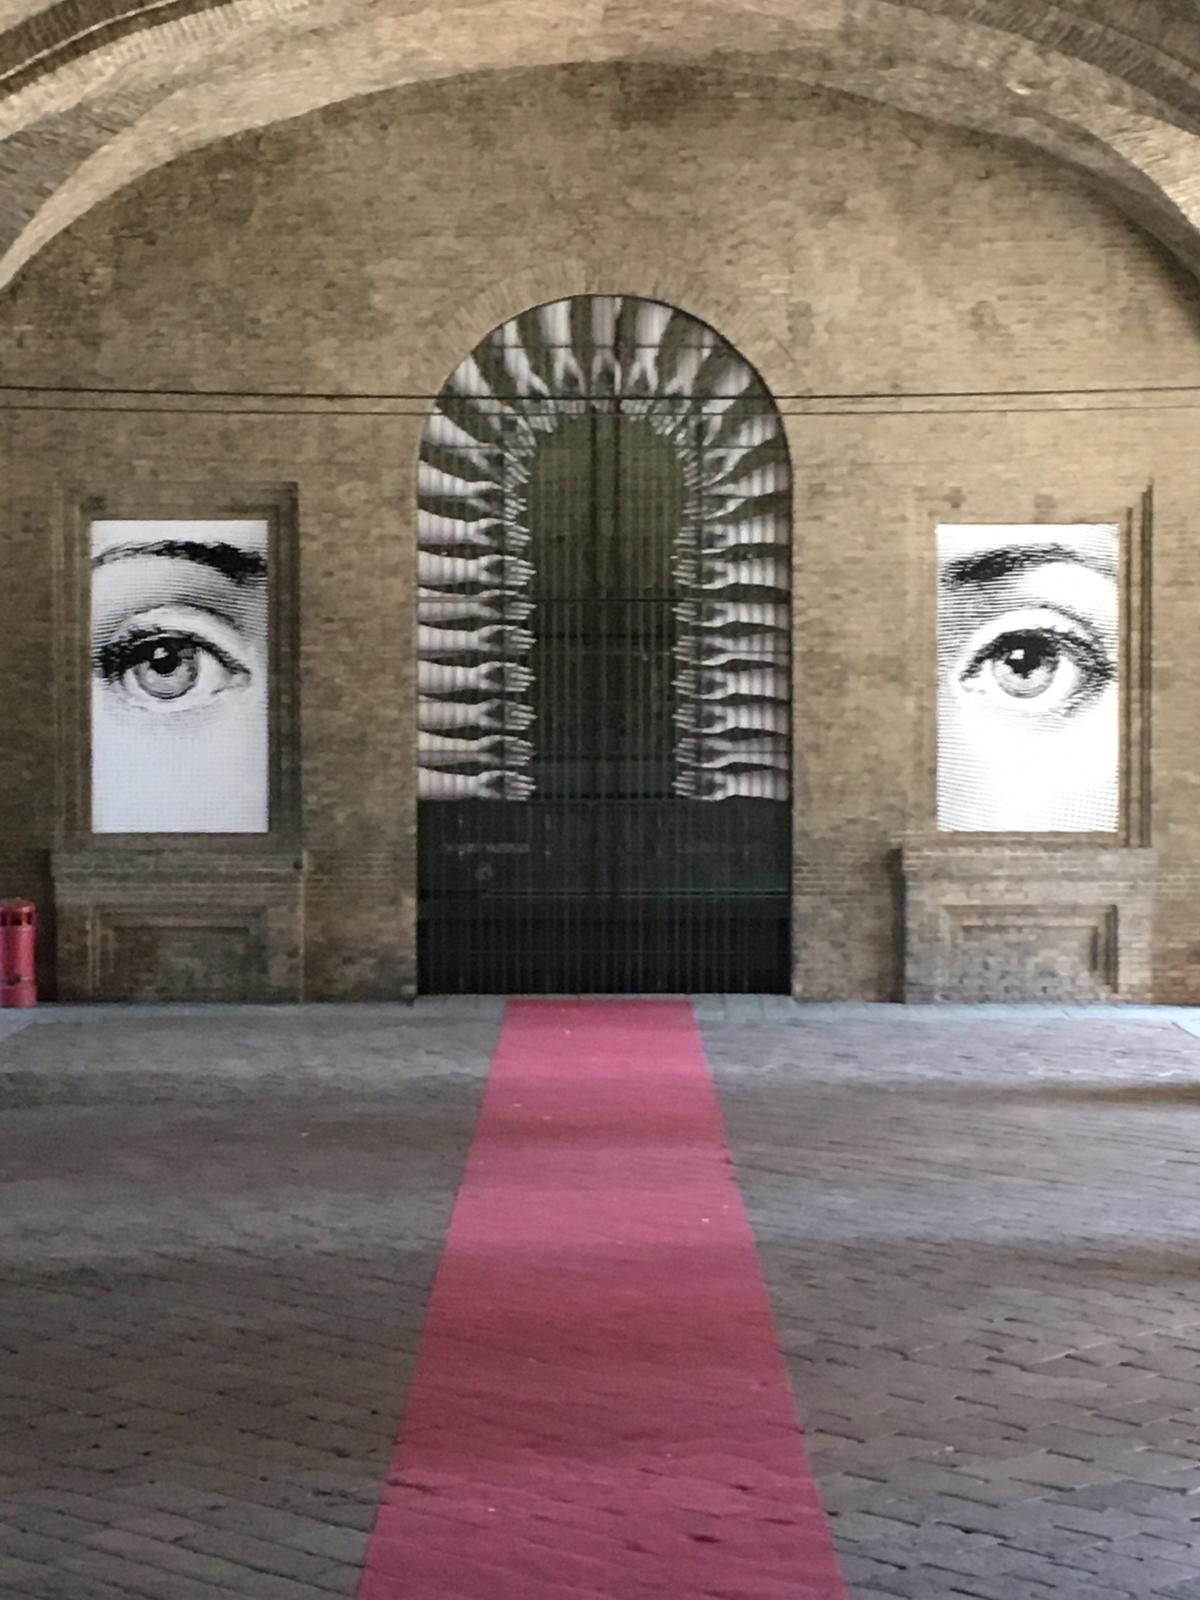 Tre buoni motivi per visitare la mostra di Fornasetti a Parma